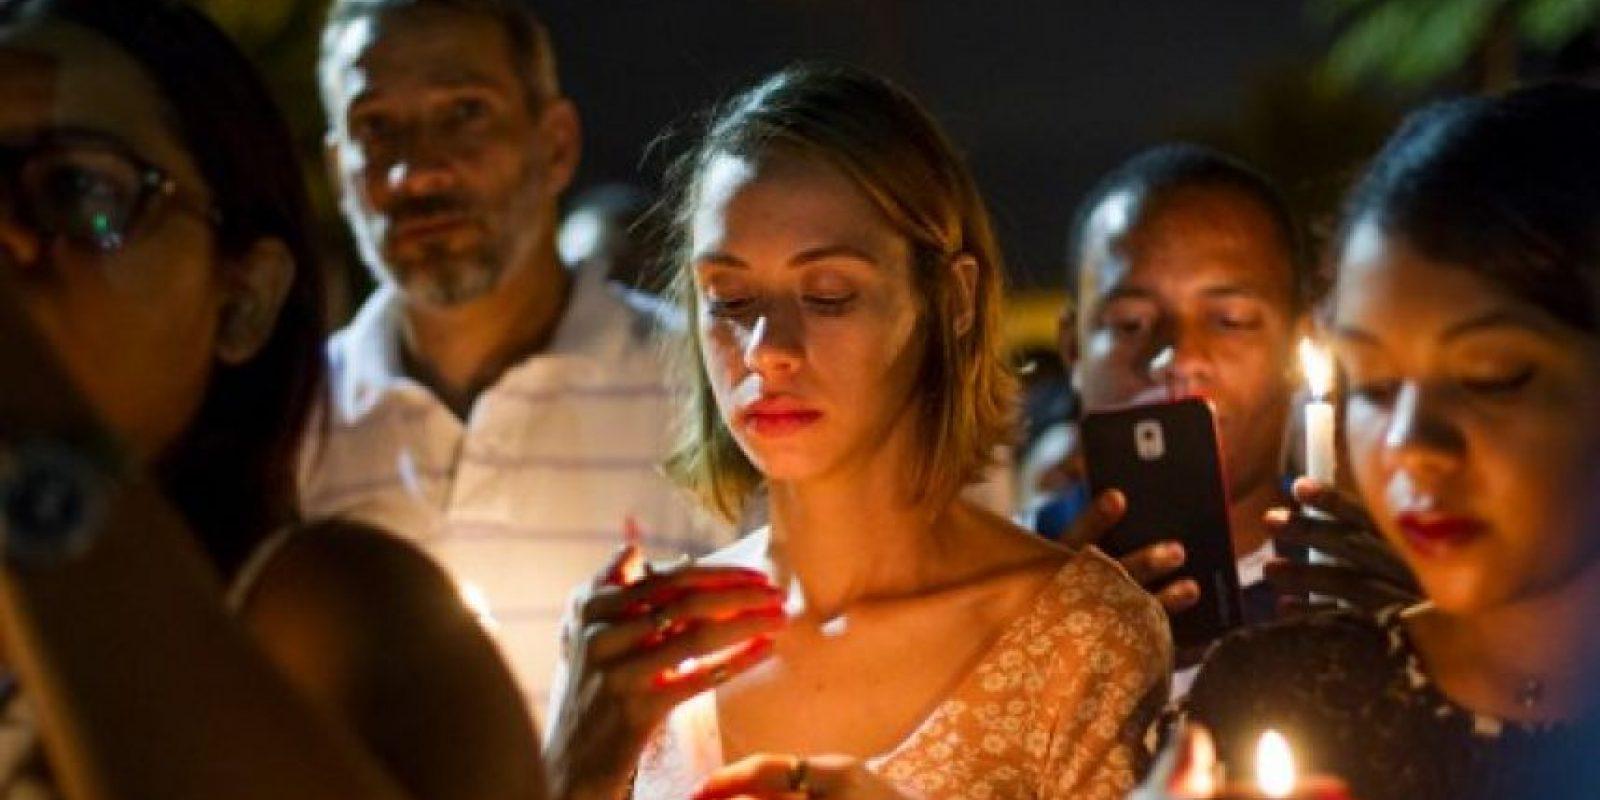 Las autoridades continúan investigando el ataque en el club nocturno de Orlando. Foto:AFP